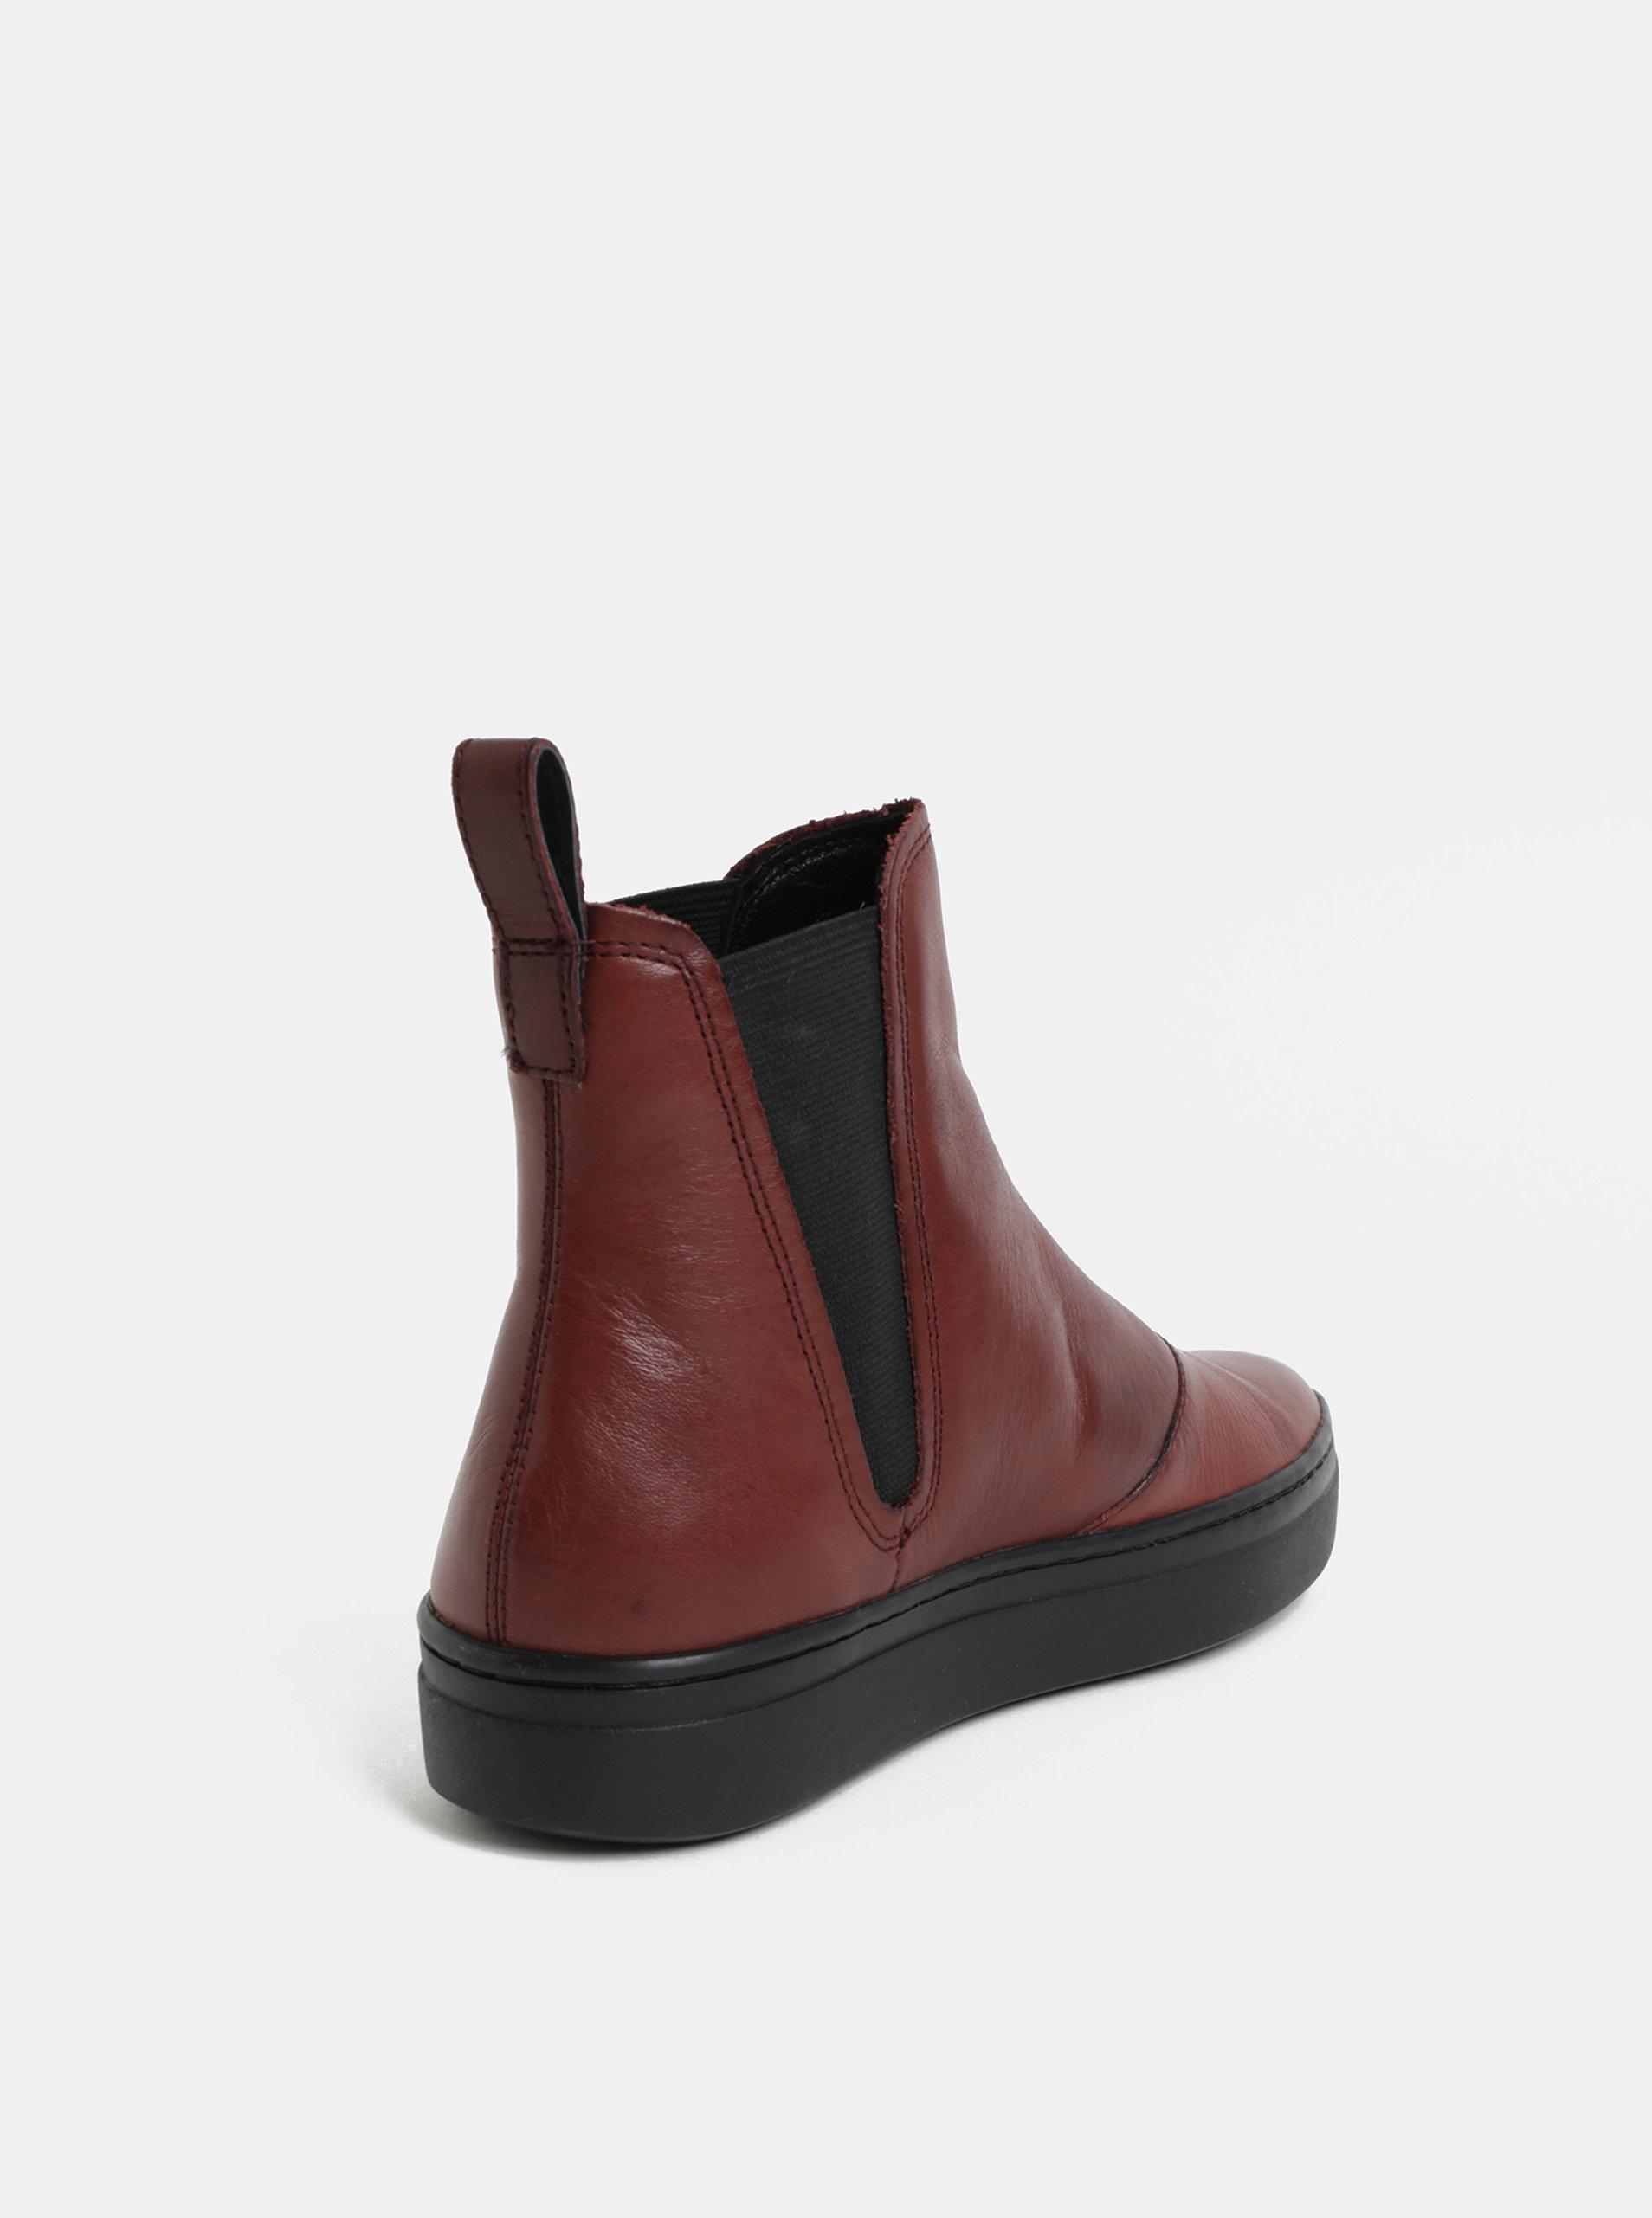 Vínové dámské kožené chelsea boty Vagabond Camille ... 7db19f70b5